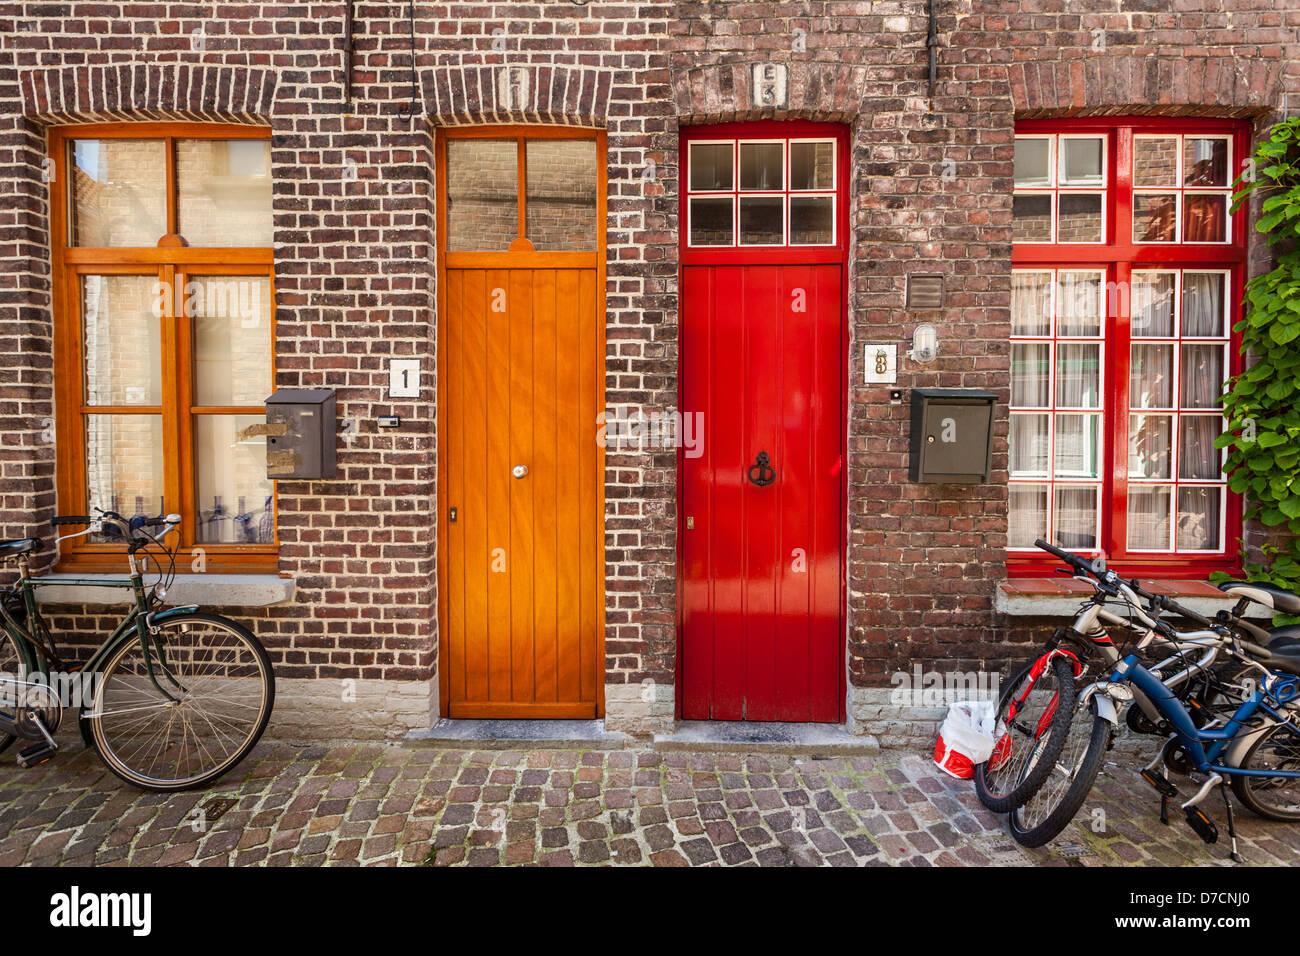 Las puertas de las casas antiguas y bicicletas en las ciudades europeas. Brugge (Brujas, Bélgica) Imagen De Stock